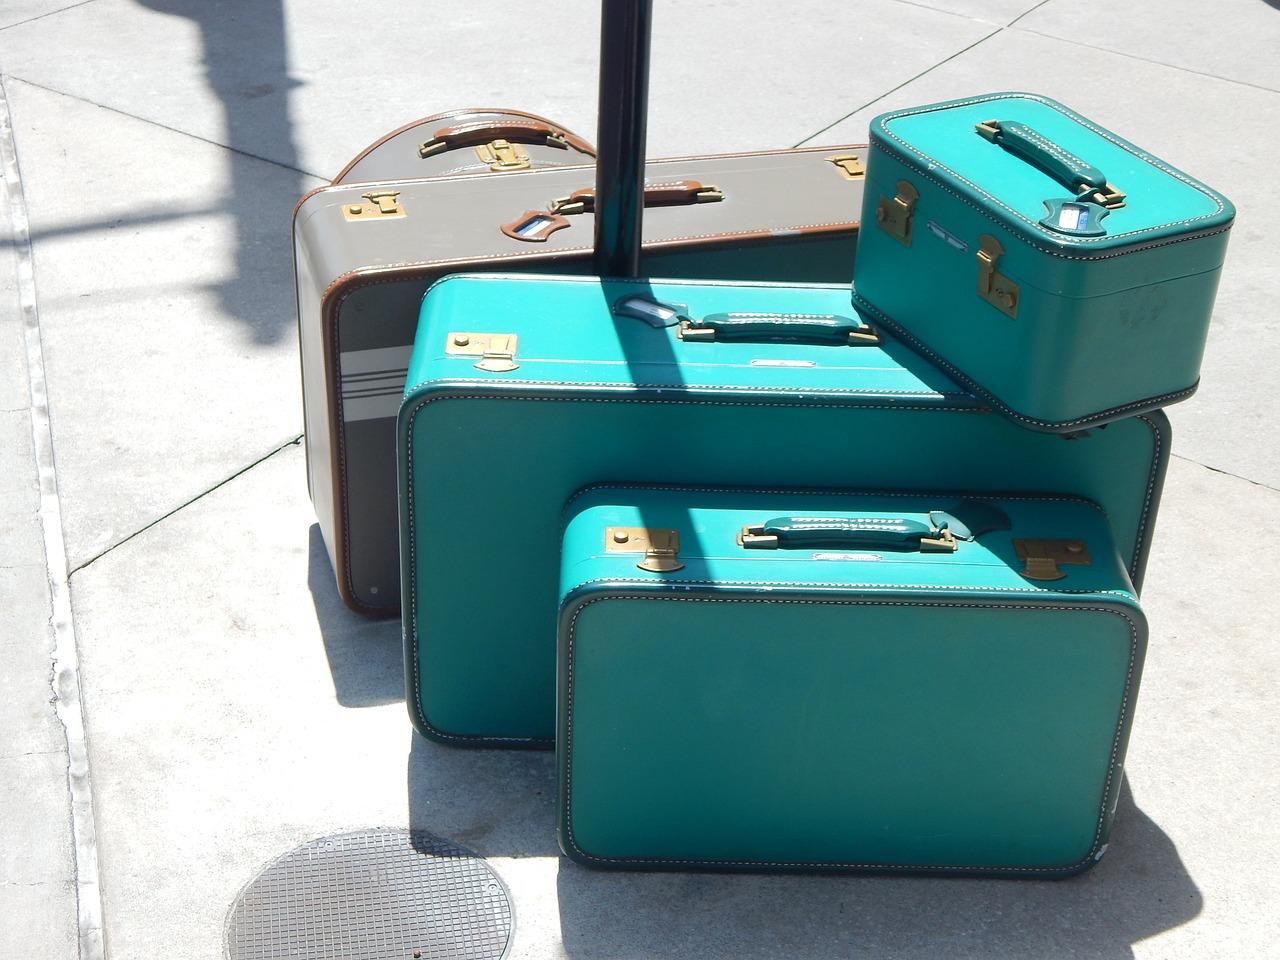 luggage-718059_1280